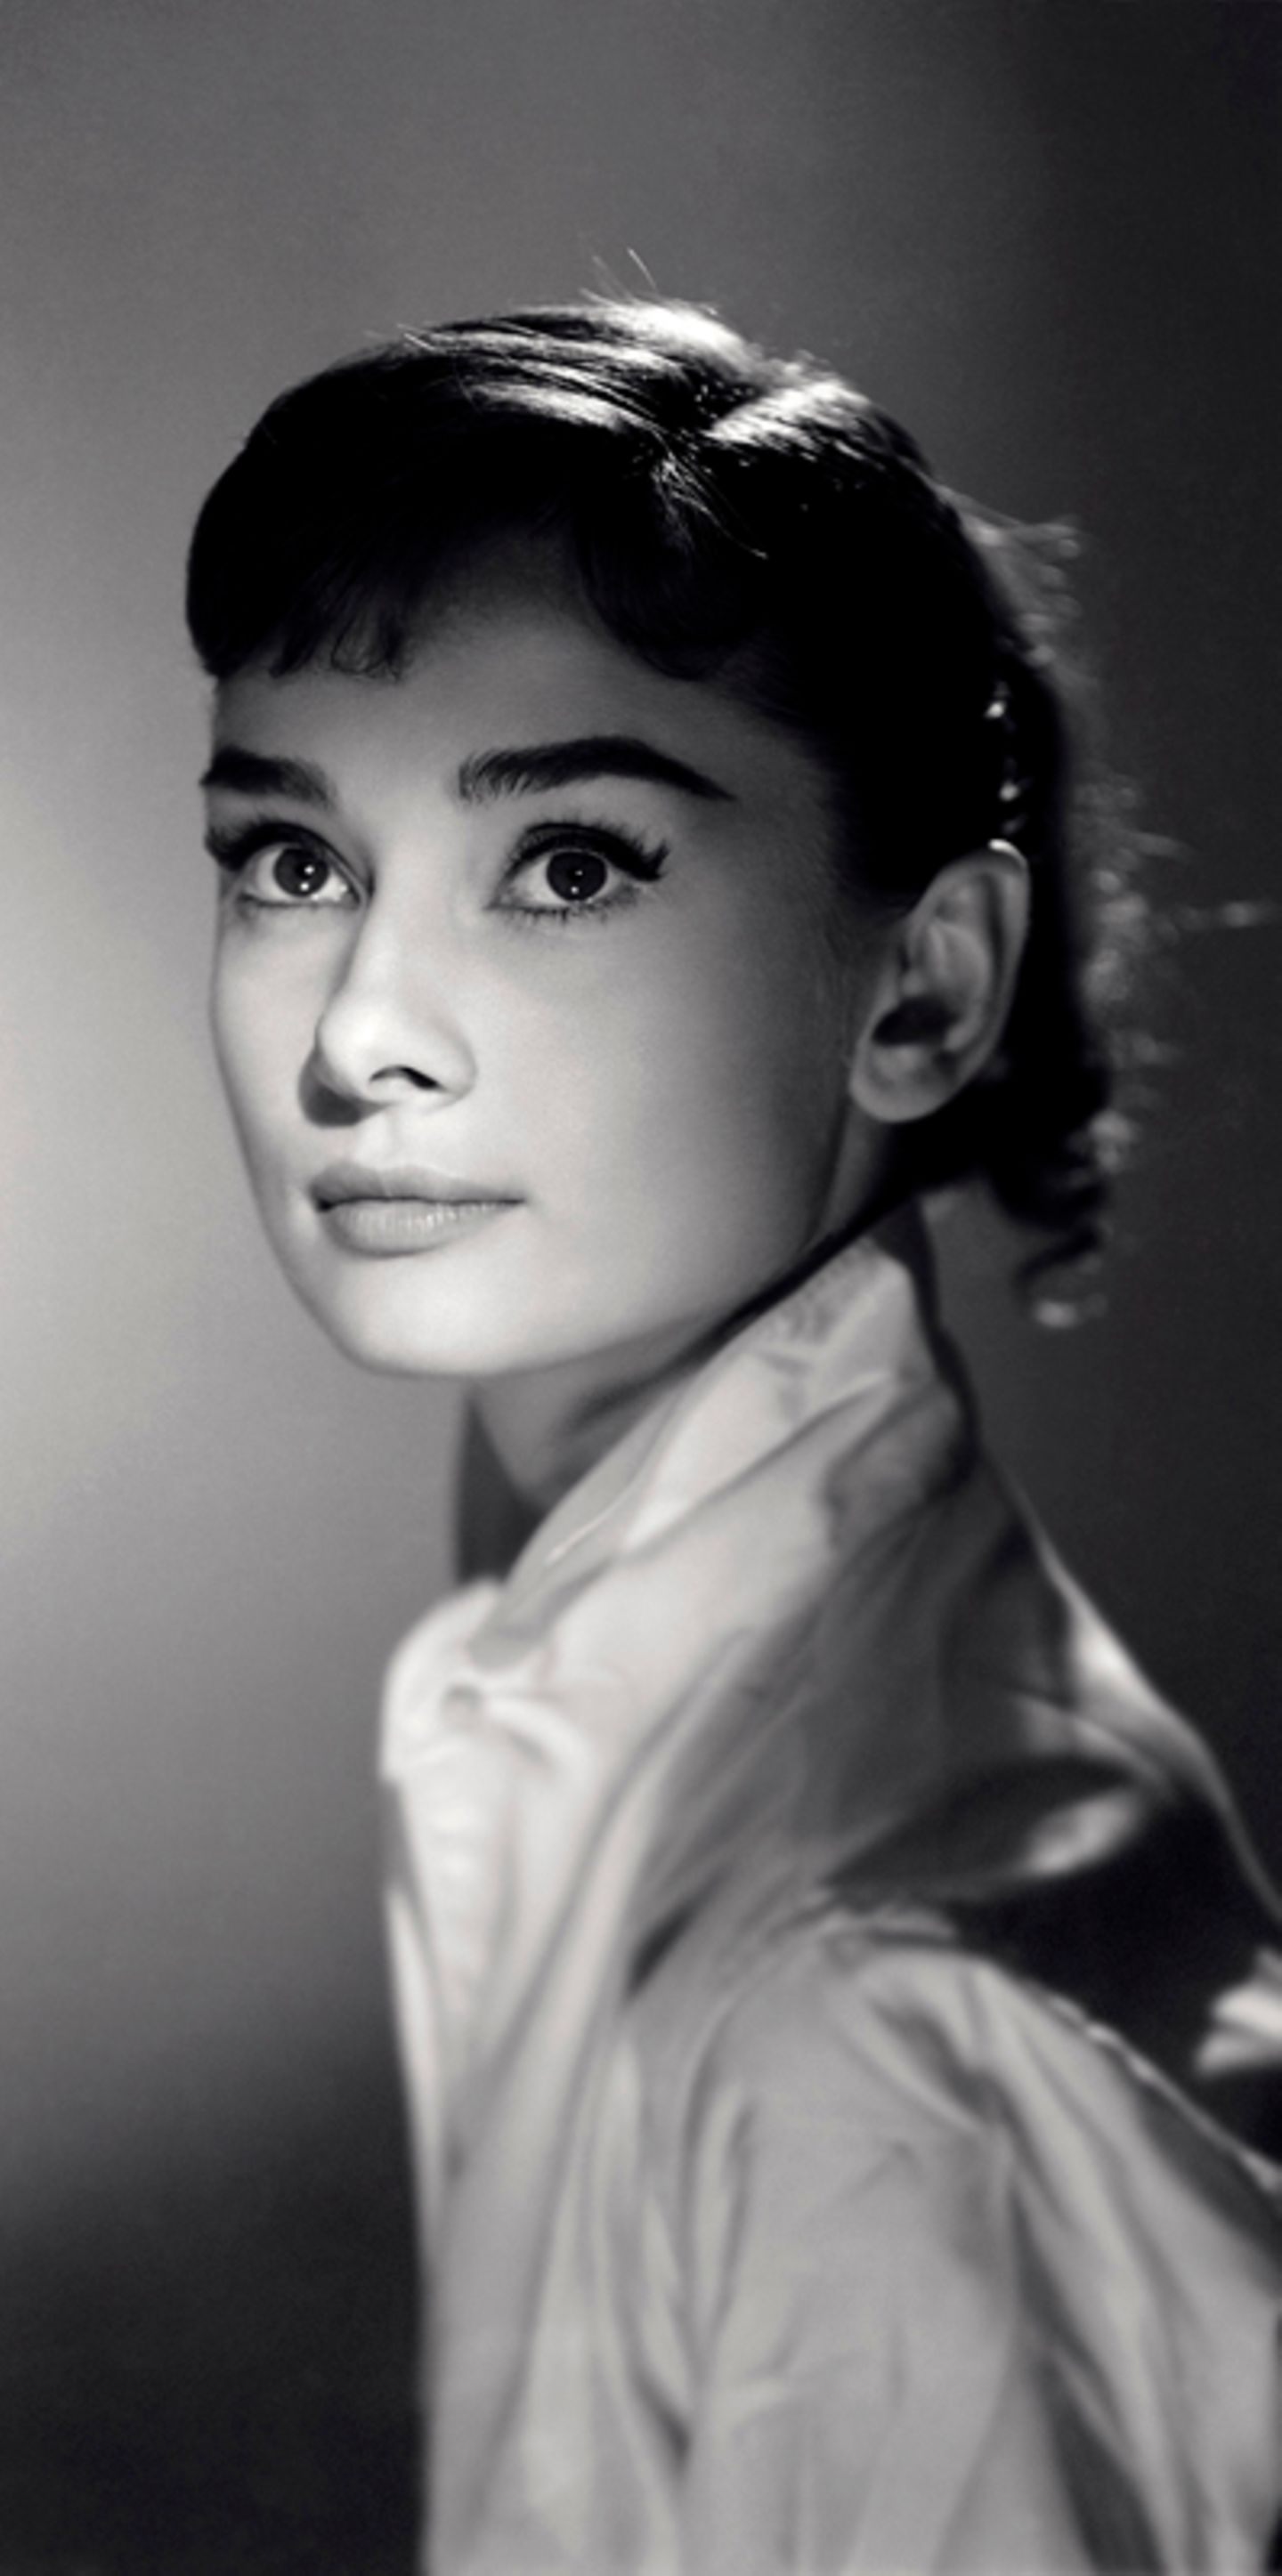 """Dieses Image hat sich festgesetzt: Auf vielen Bildern wirkt die junge Audrey Hepburn unschuldig, schüchtern und immer ein wenig zu fragil für diese Welt. Das Foto entstand im Rahmen der Dreharbeiten zur Tolstoi-Verfilmung """"Krieg und Frieden""""."""